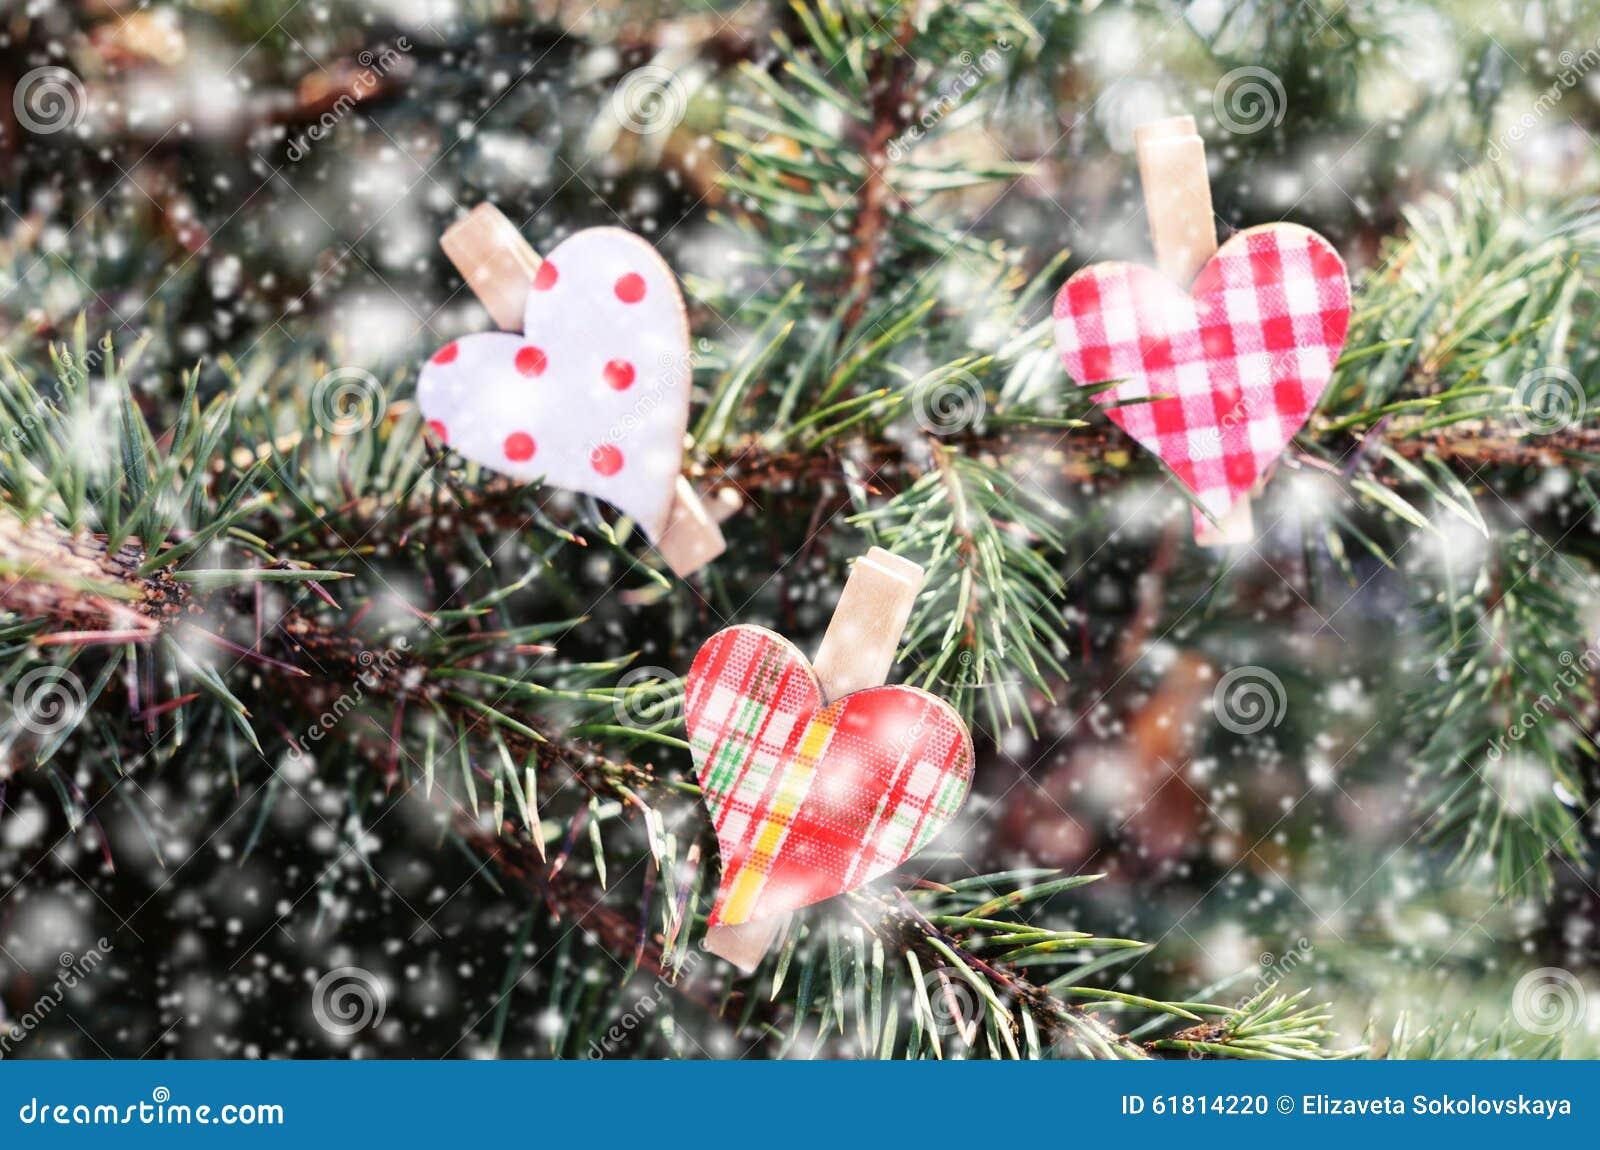 Hearts On Xmas Tree And Falling Snow Stock Photo